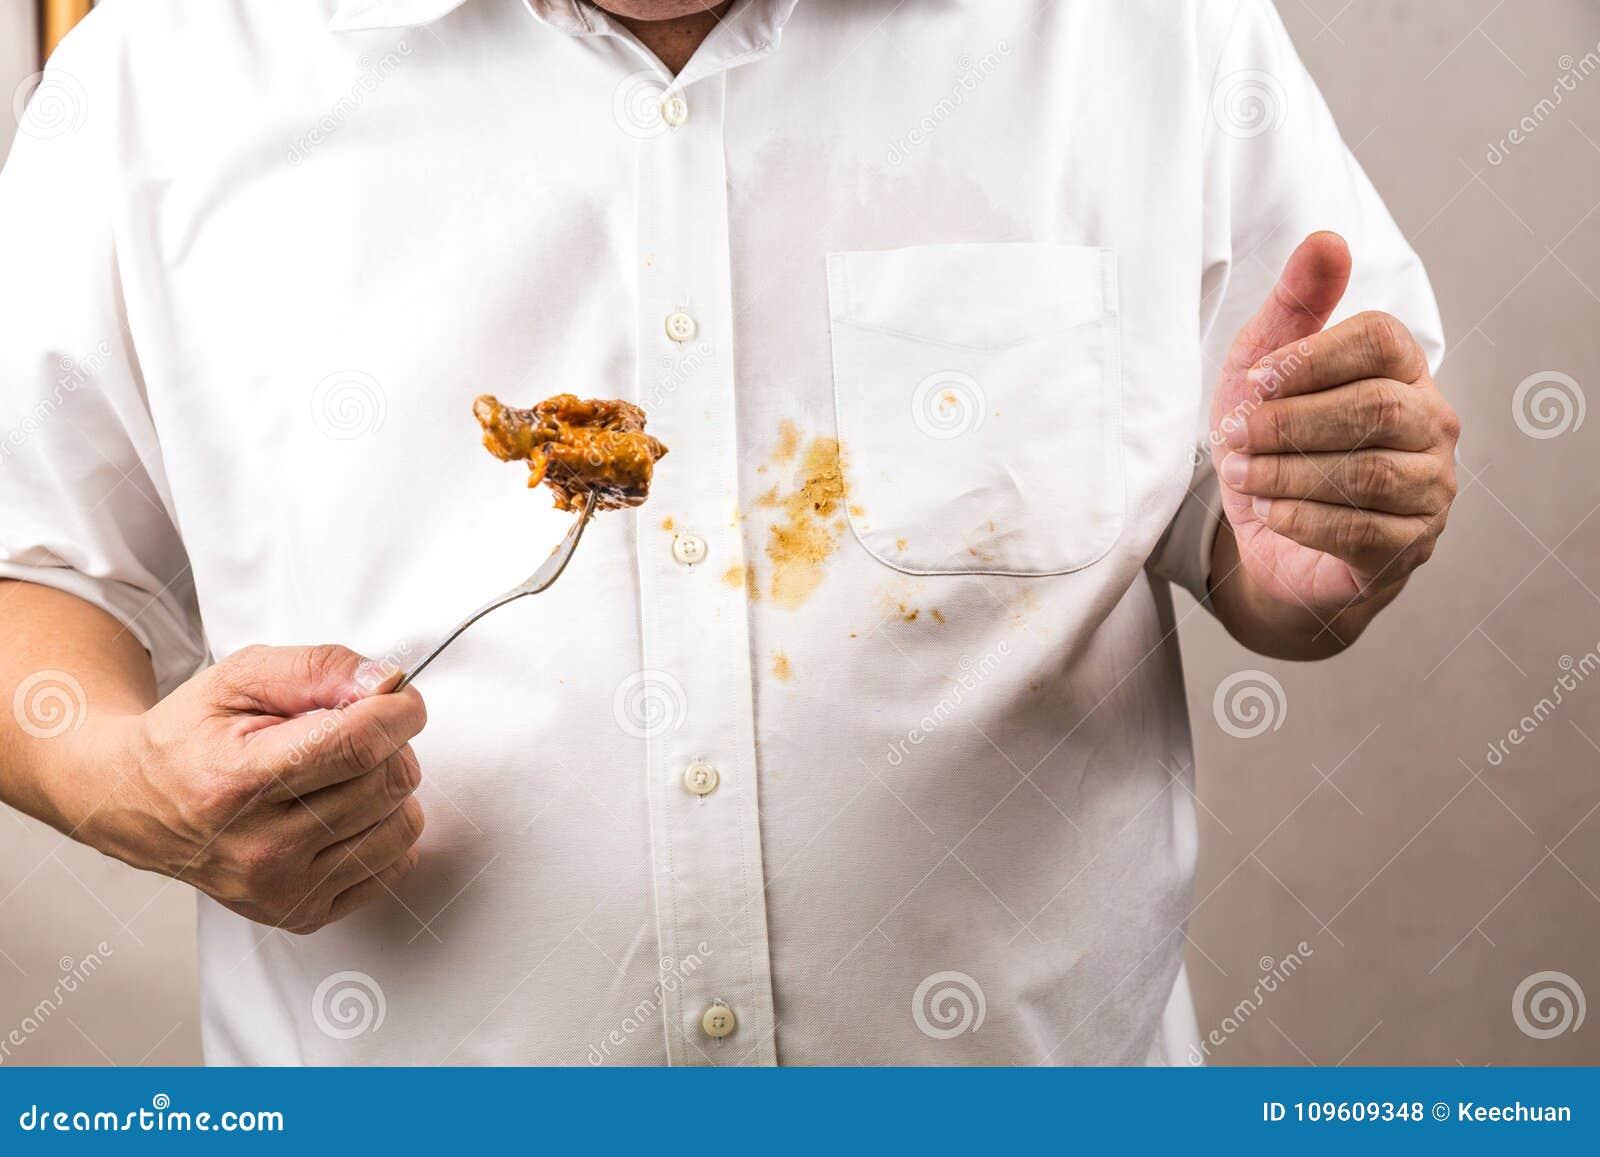 Osoba przypadkowo rozlewał curry plamę na białej koszula